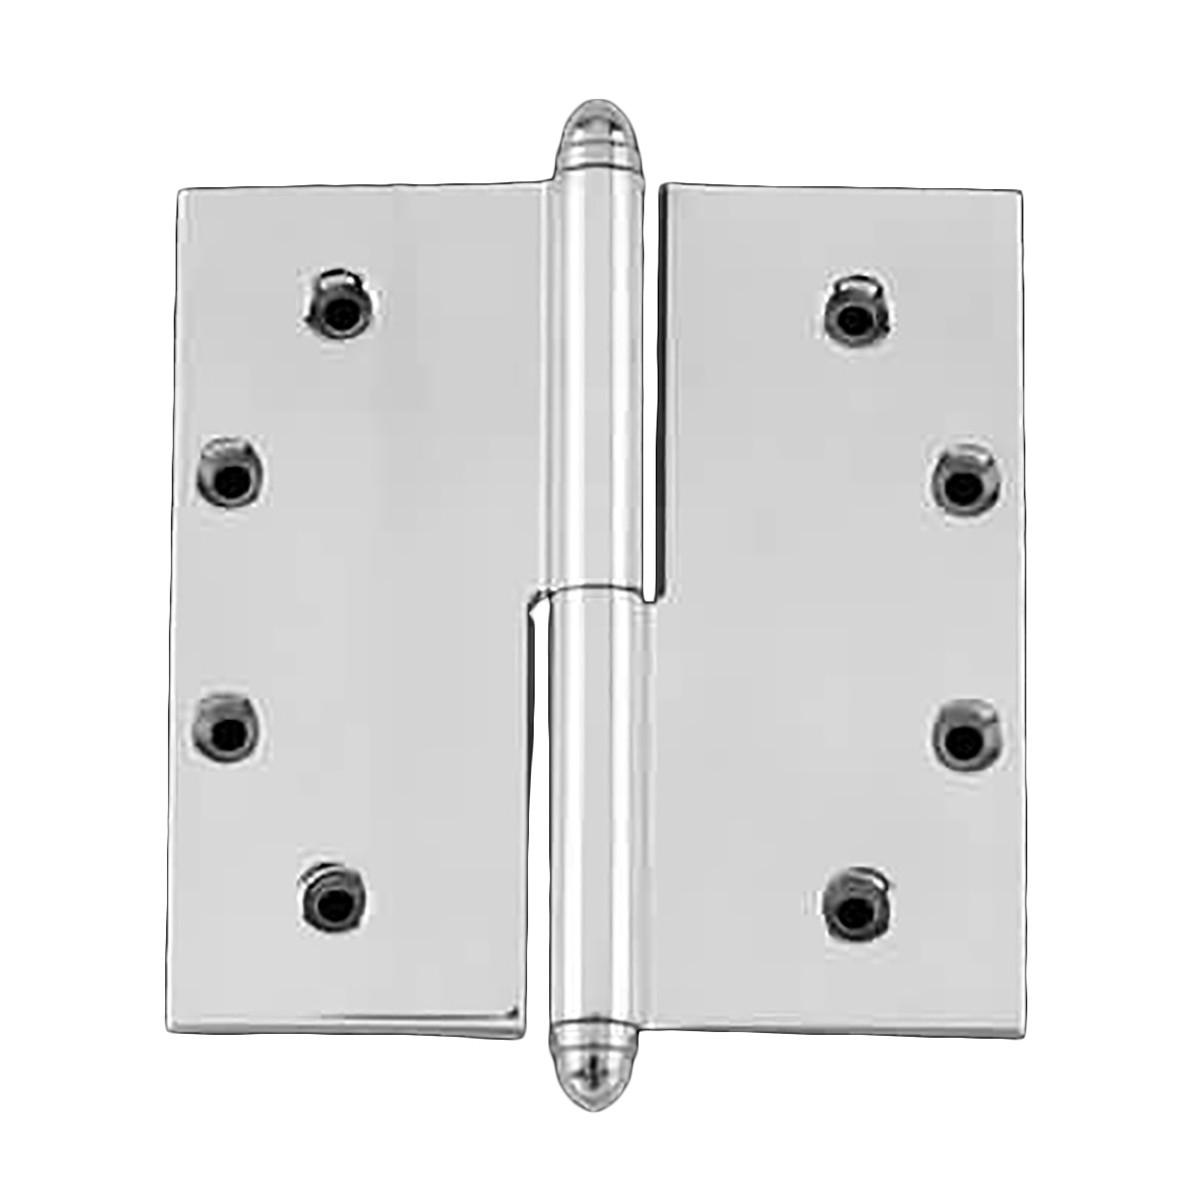 5 in lift off right chrome brass door hinge helmet tip for Front door handle 7 5 inches